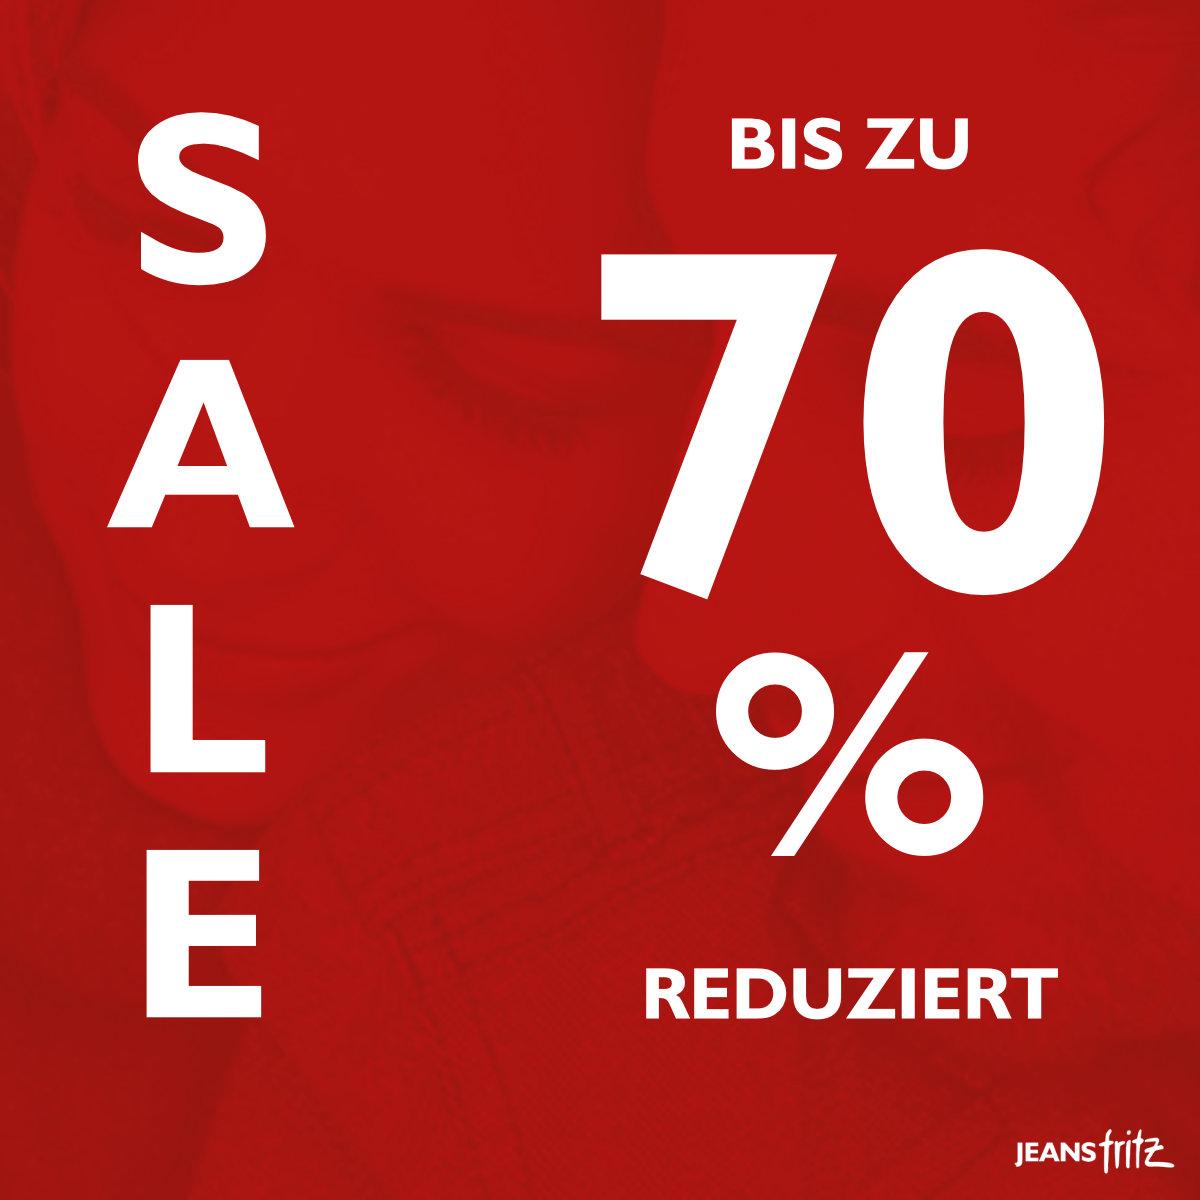 bis zu 70% SALE bei Jeans Fritz